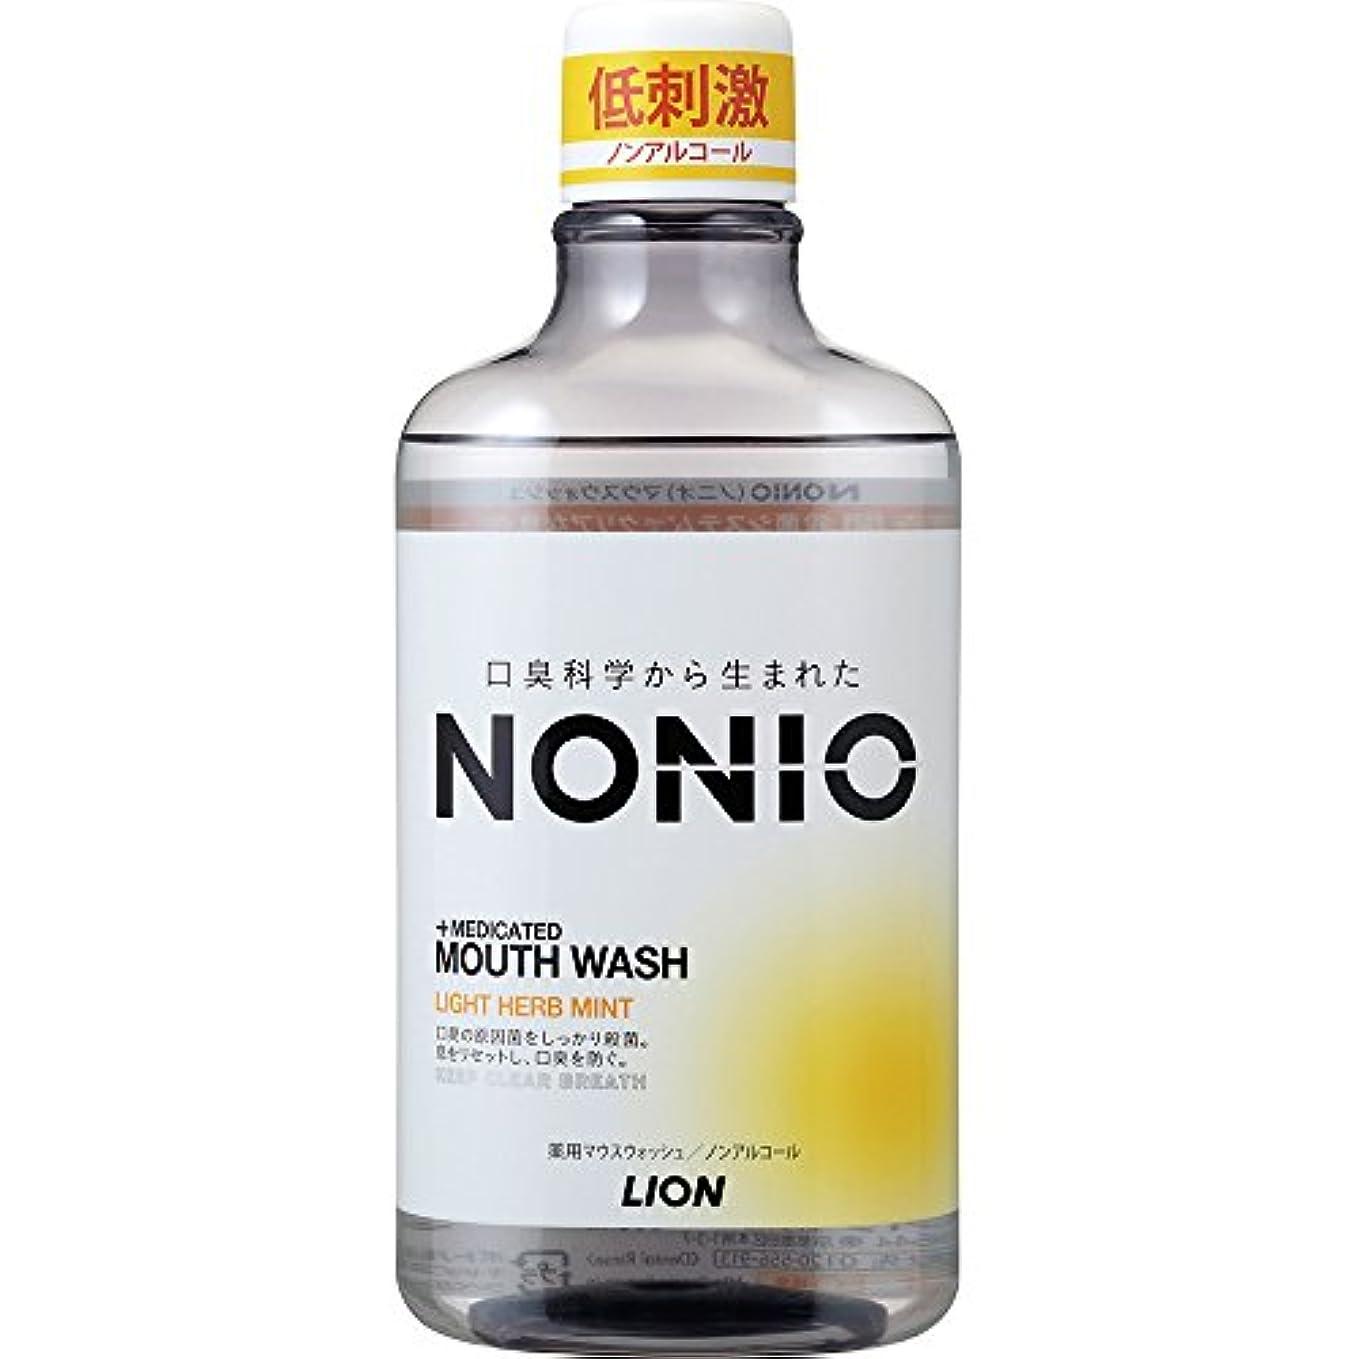 ラッシュ決めますタフ[医薬部外品]NONIO マウスウォッシュ ノンアルコール ライトハーブミント 600ml 洗口液